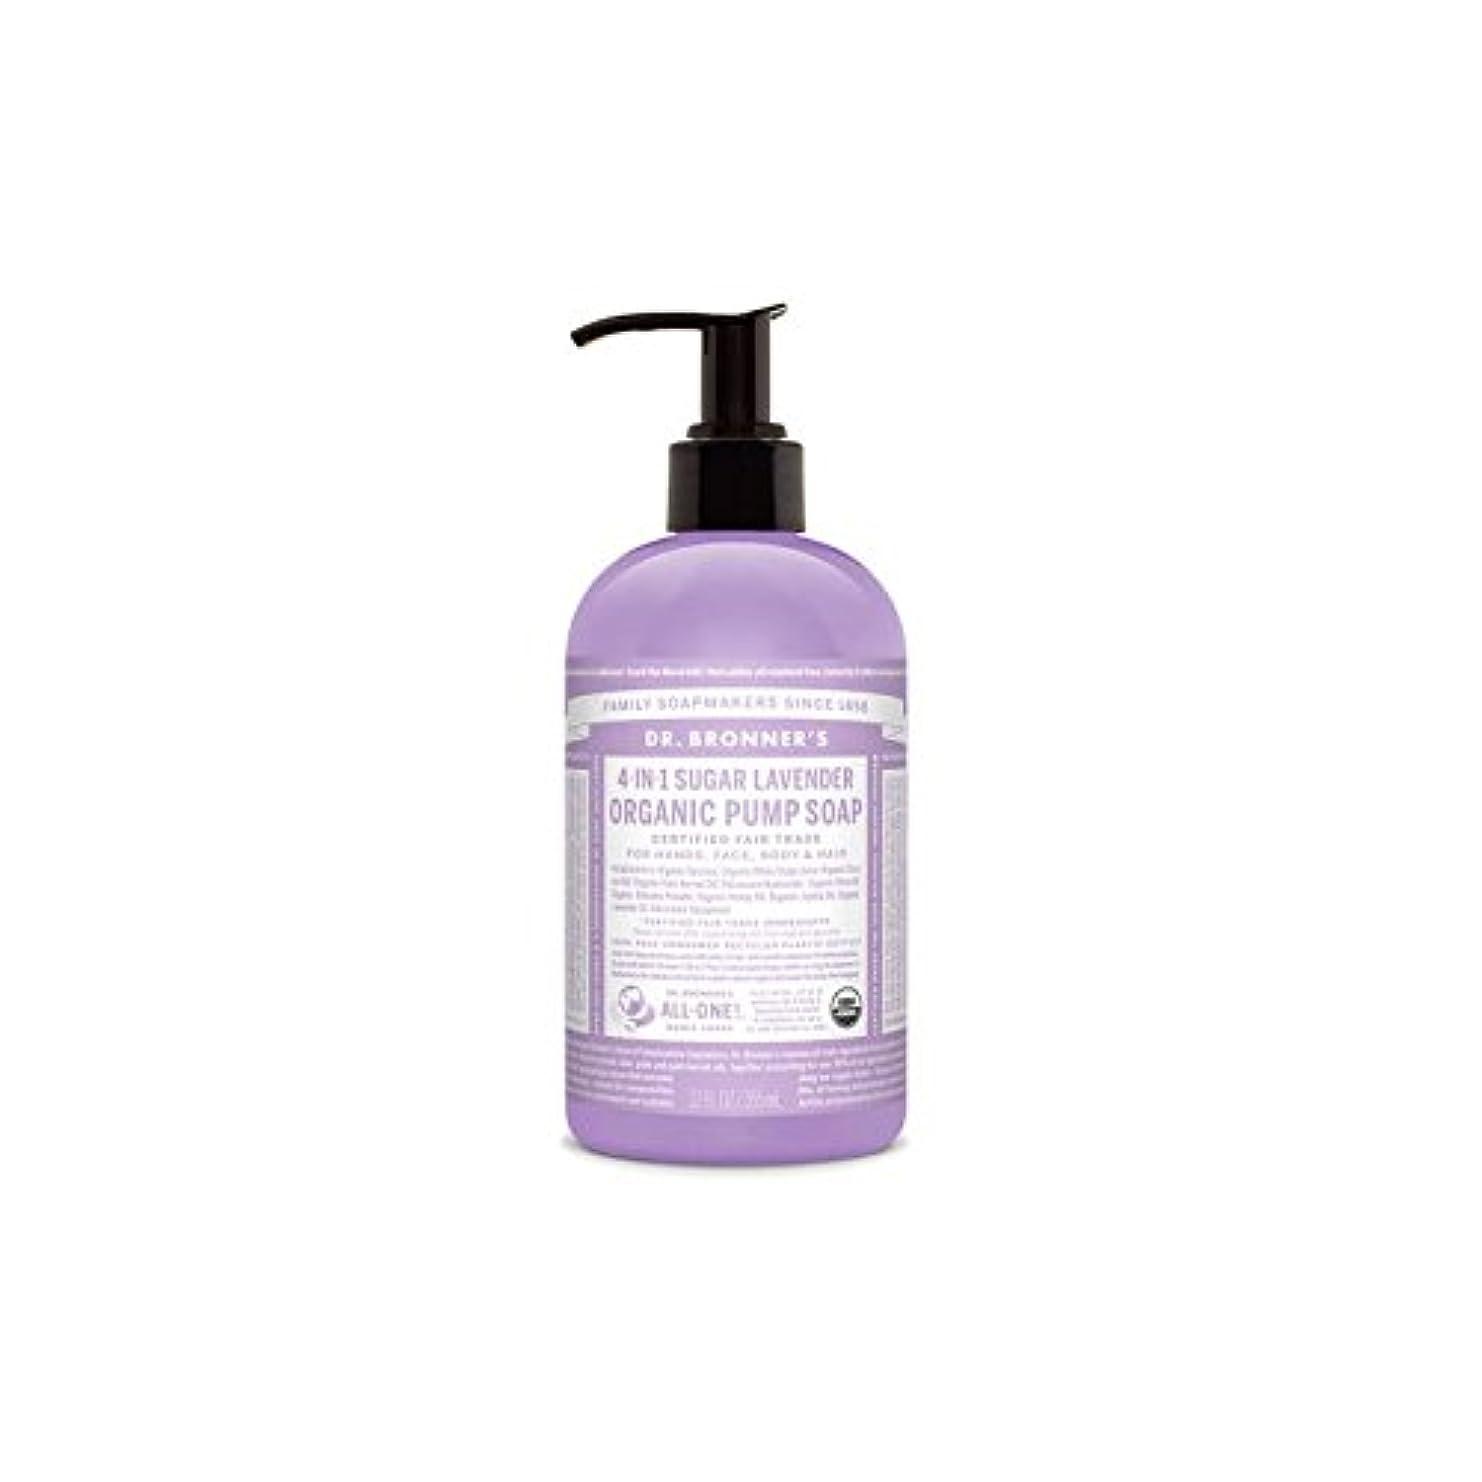 ブロナー有機ラベンダーハンドソープ(355ミリリットル) x4 - Dr. Bronner Organic Shikakai Lavender Hand Soap (355ml) (Pack of 4) [並行輸入品]